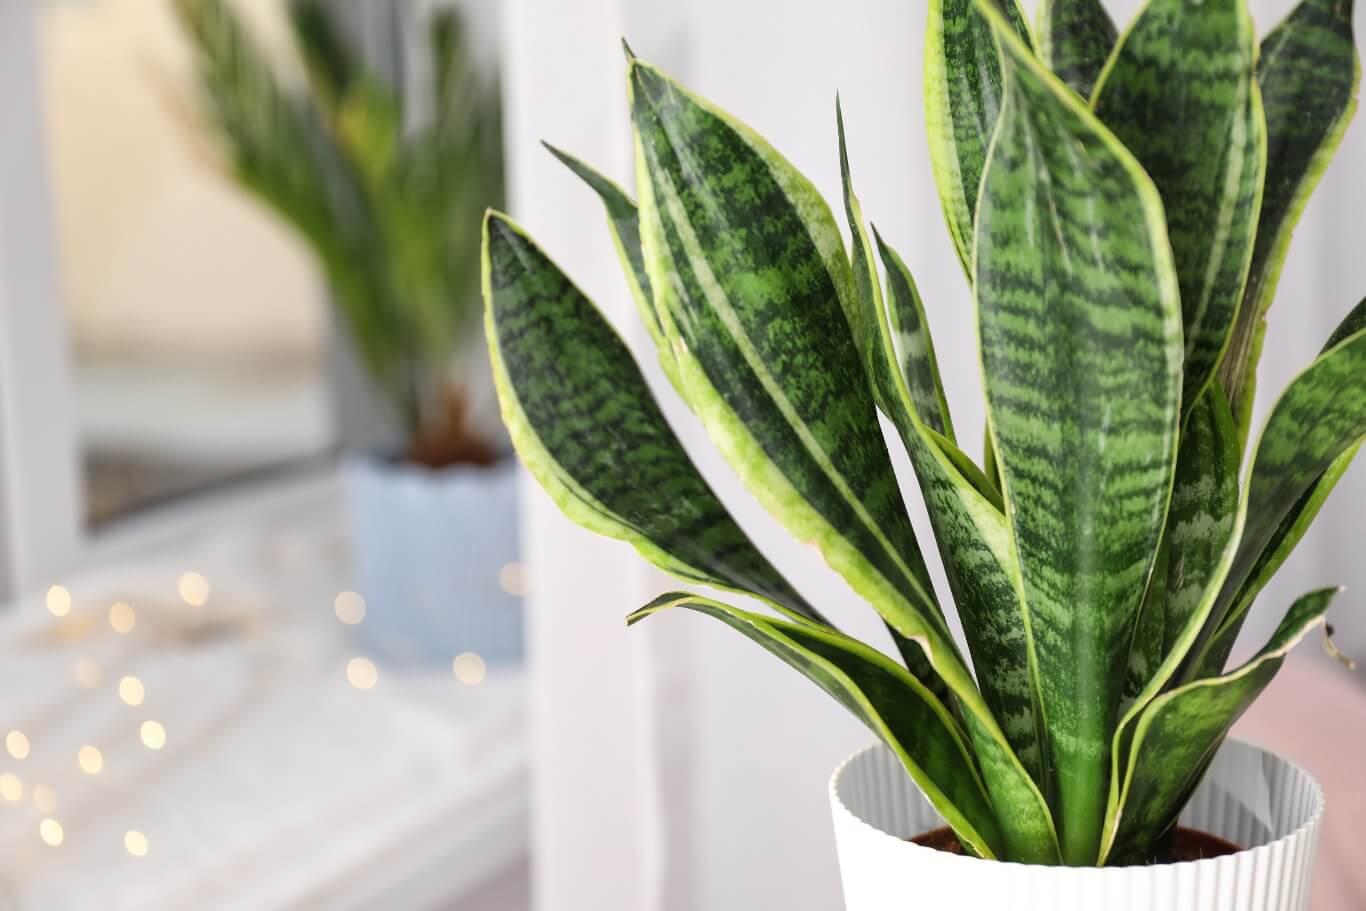 Dzięki swoim dużym i licznym liściom sansewieria bardzo skutecznie filtruje powietrze